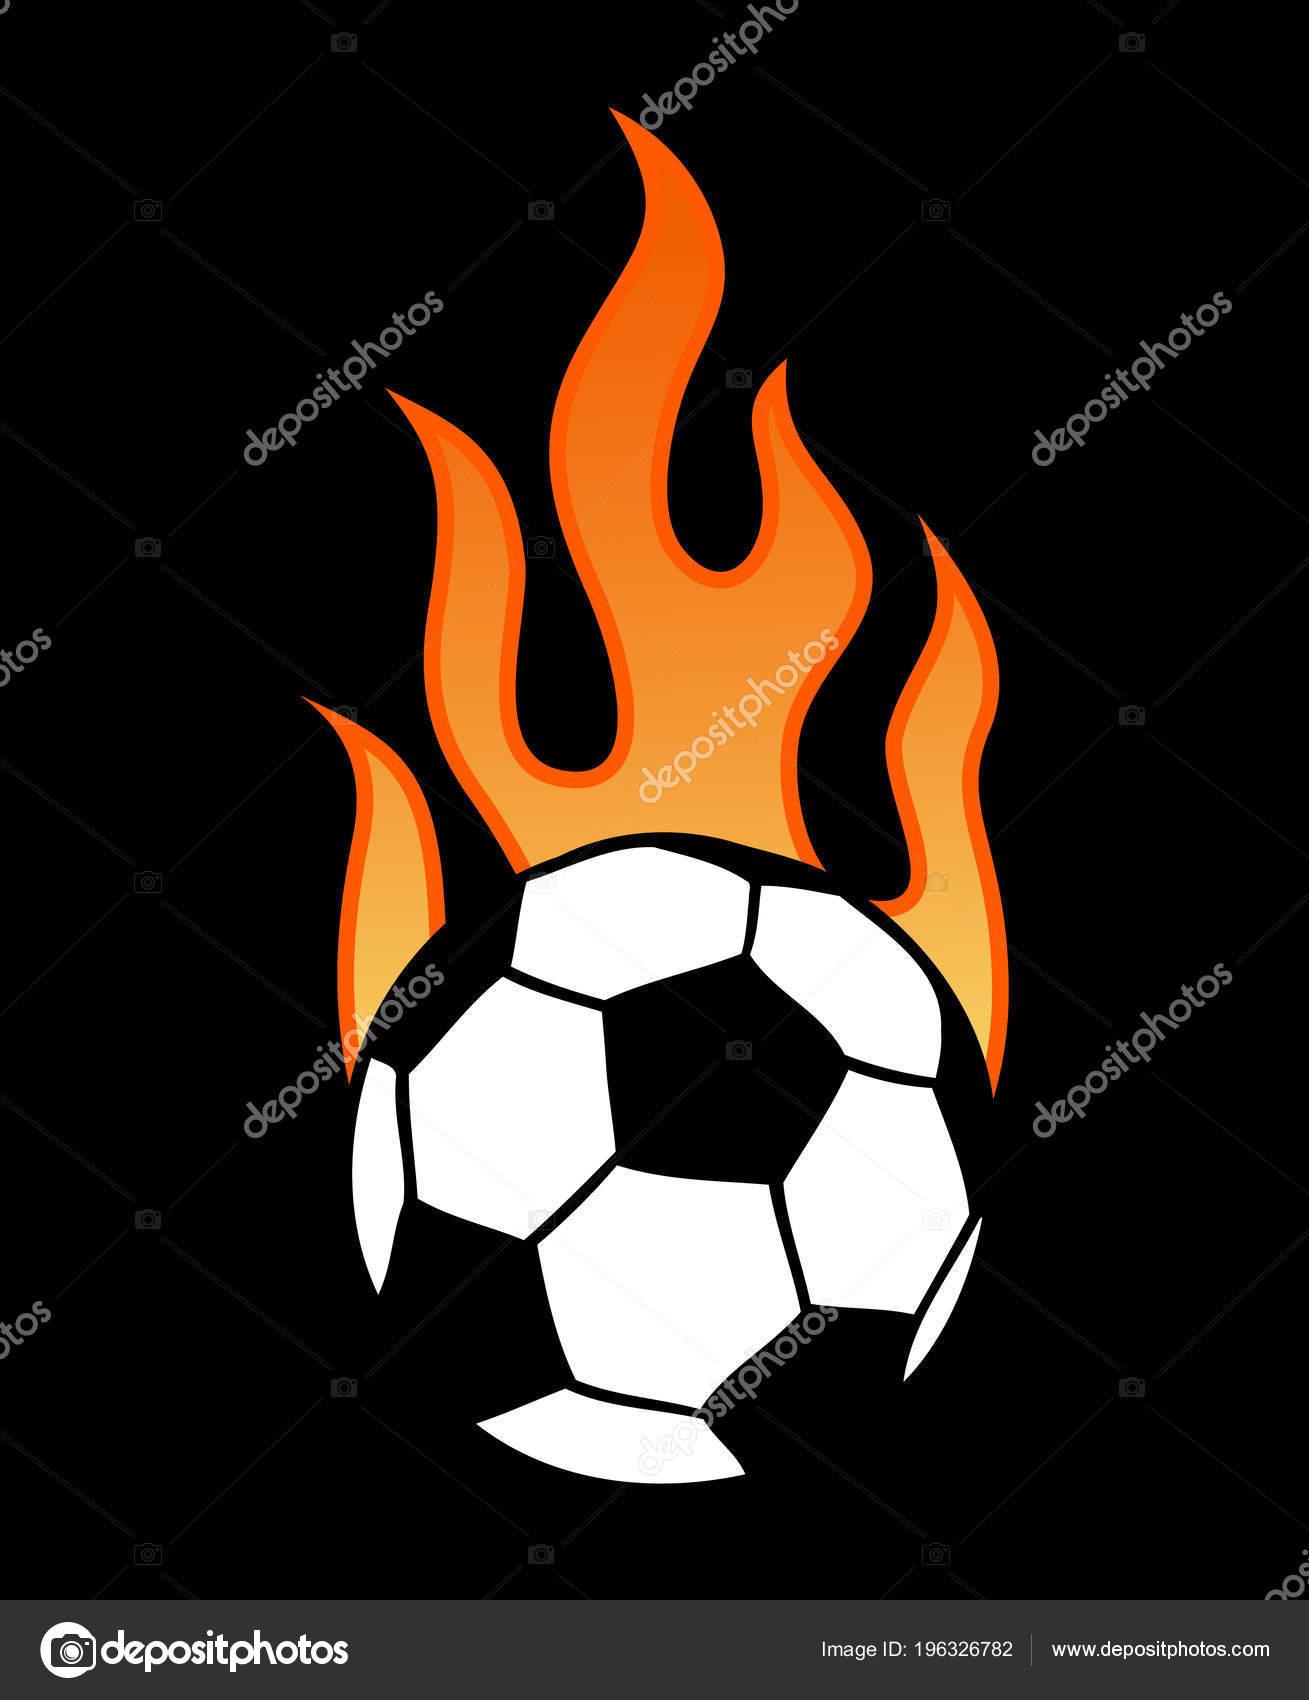 Ardiente Fútbol Pelota Futbol Con Ilustración Vector Llama Aislado Sobre —  Archivo Imágenes Vectoriales 0ca438c0104d3